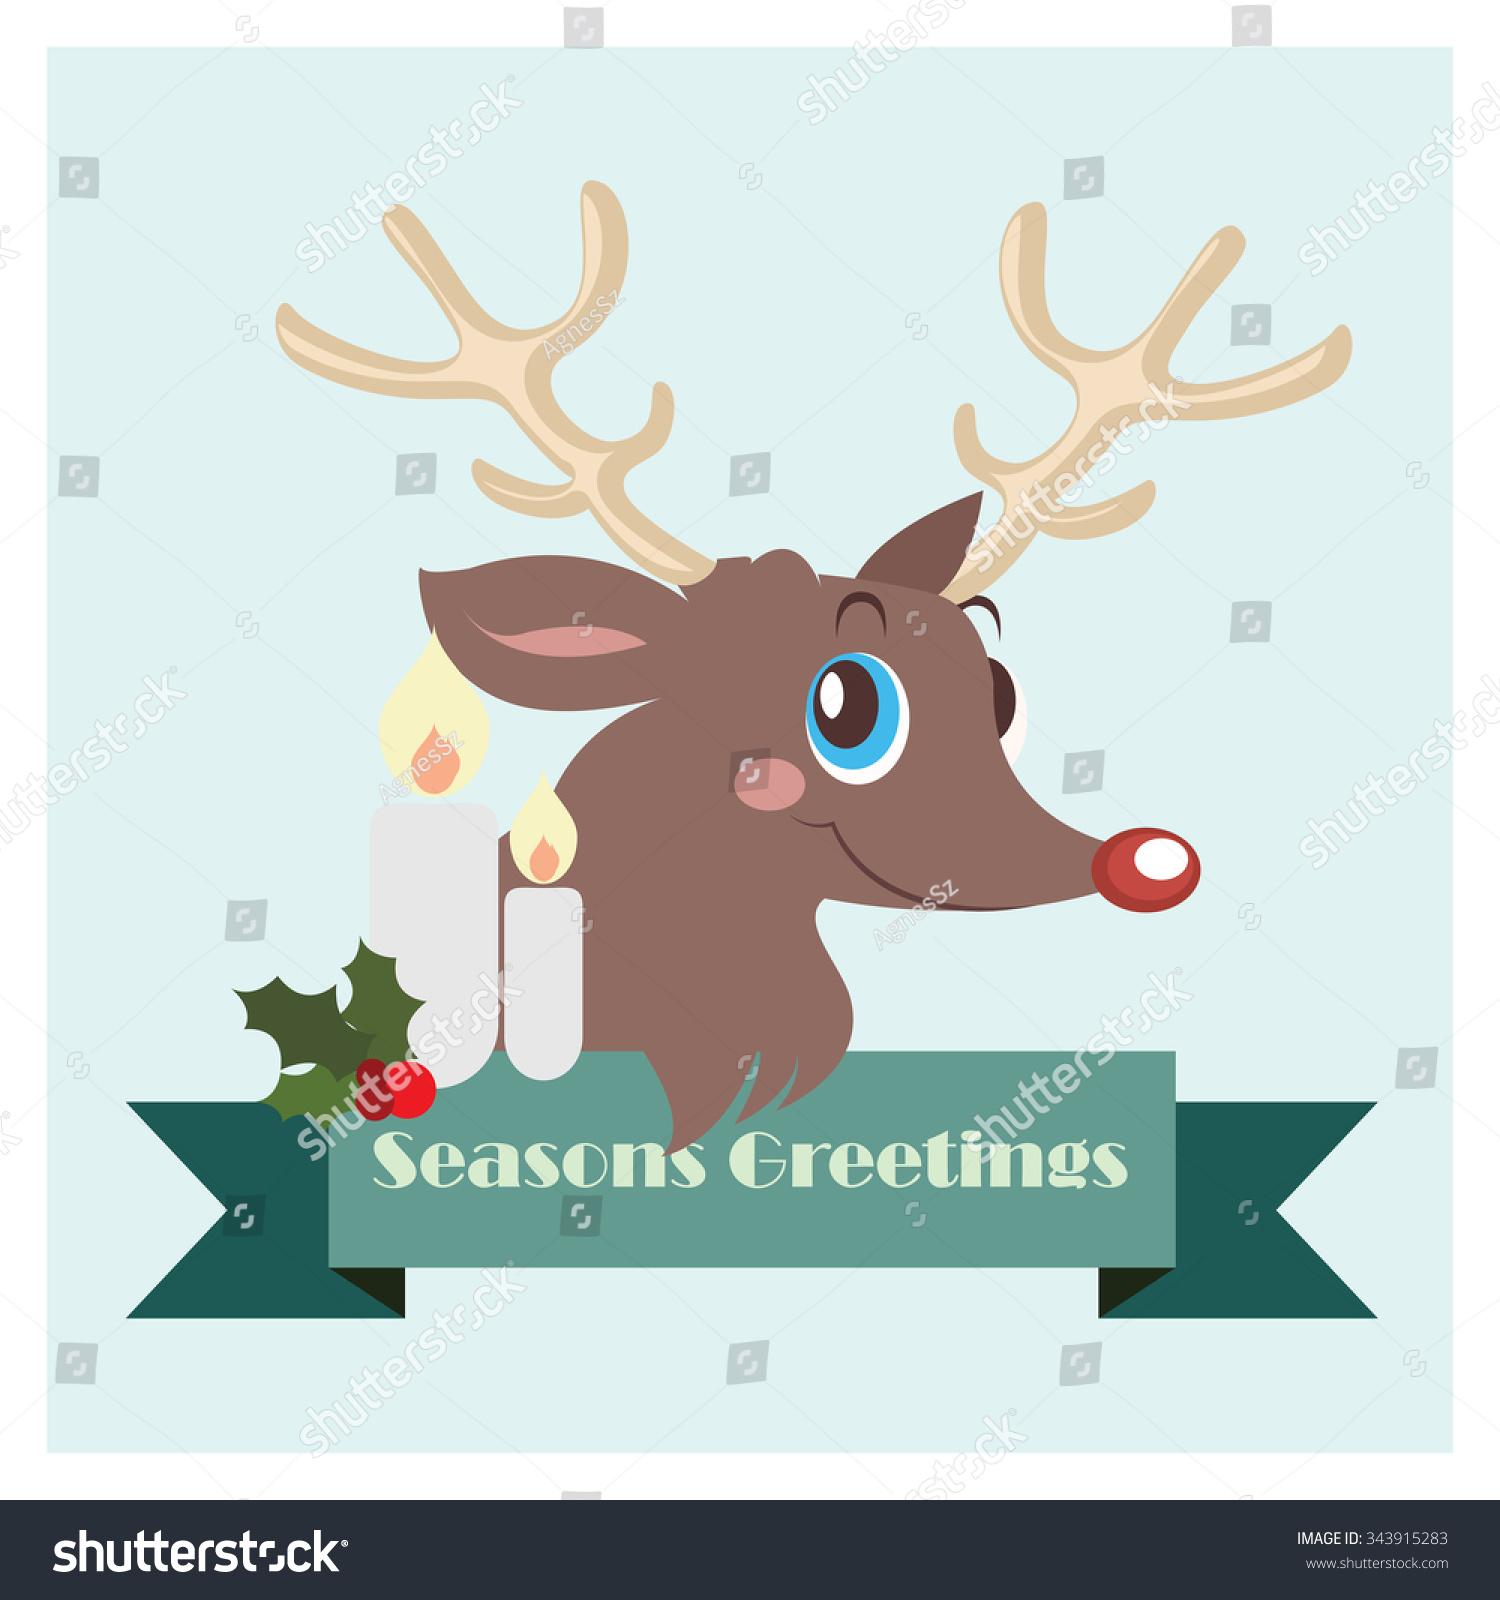 Reindeer seasons greetings banner stock vector 343915283 reindeer with seasons greetings banner kristyandbryce Choice Image